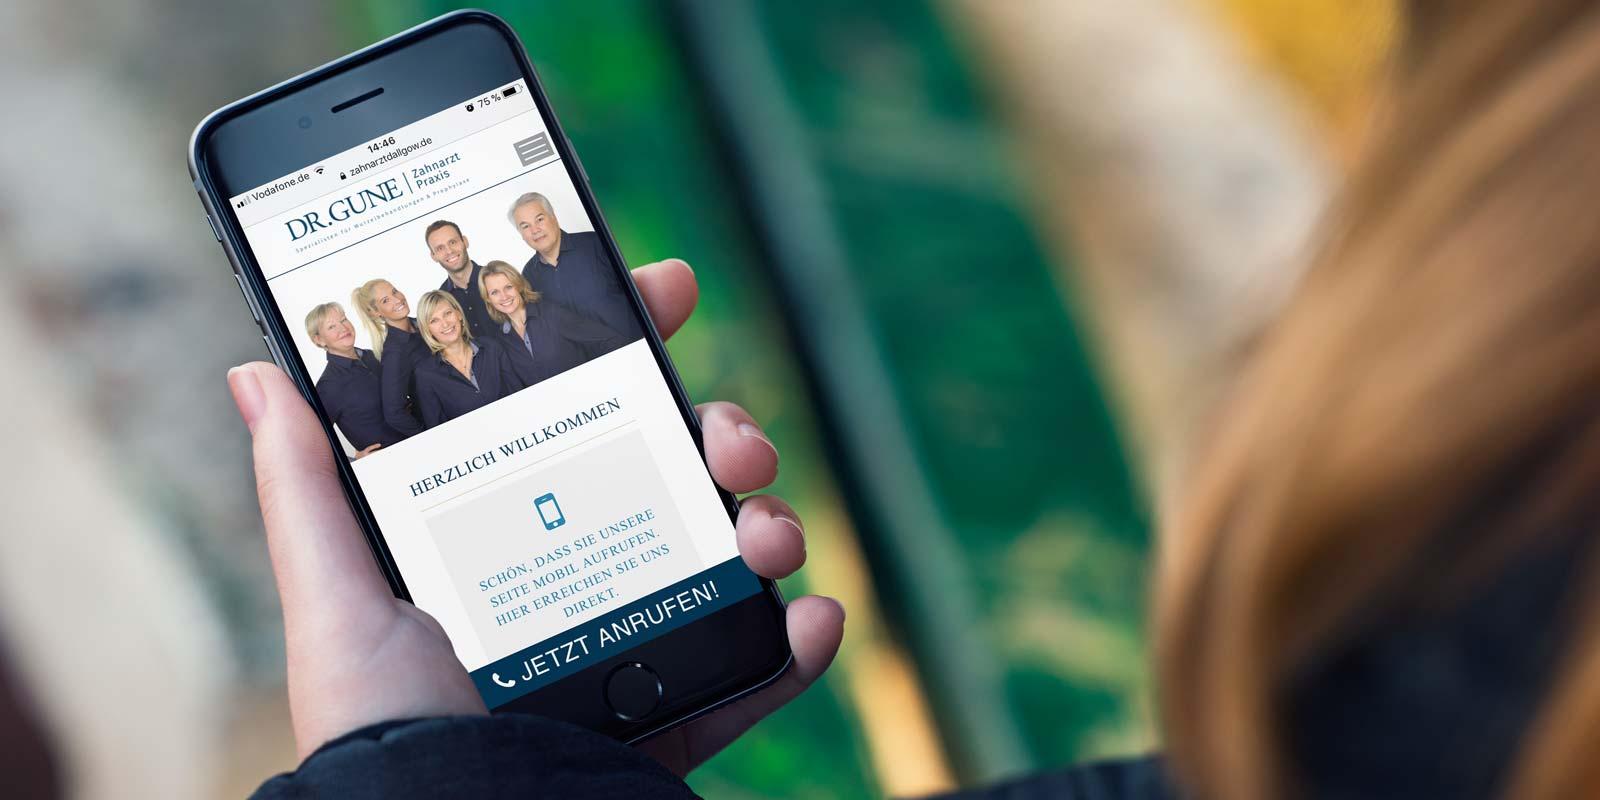 Werbeagentur MAPO-Marketing Potsdam, Responsive Webdesign für Zahnarztpraxis Dr.Gune